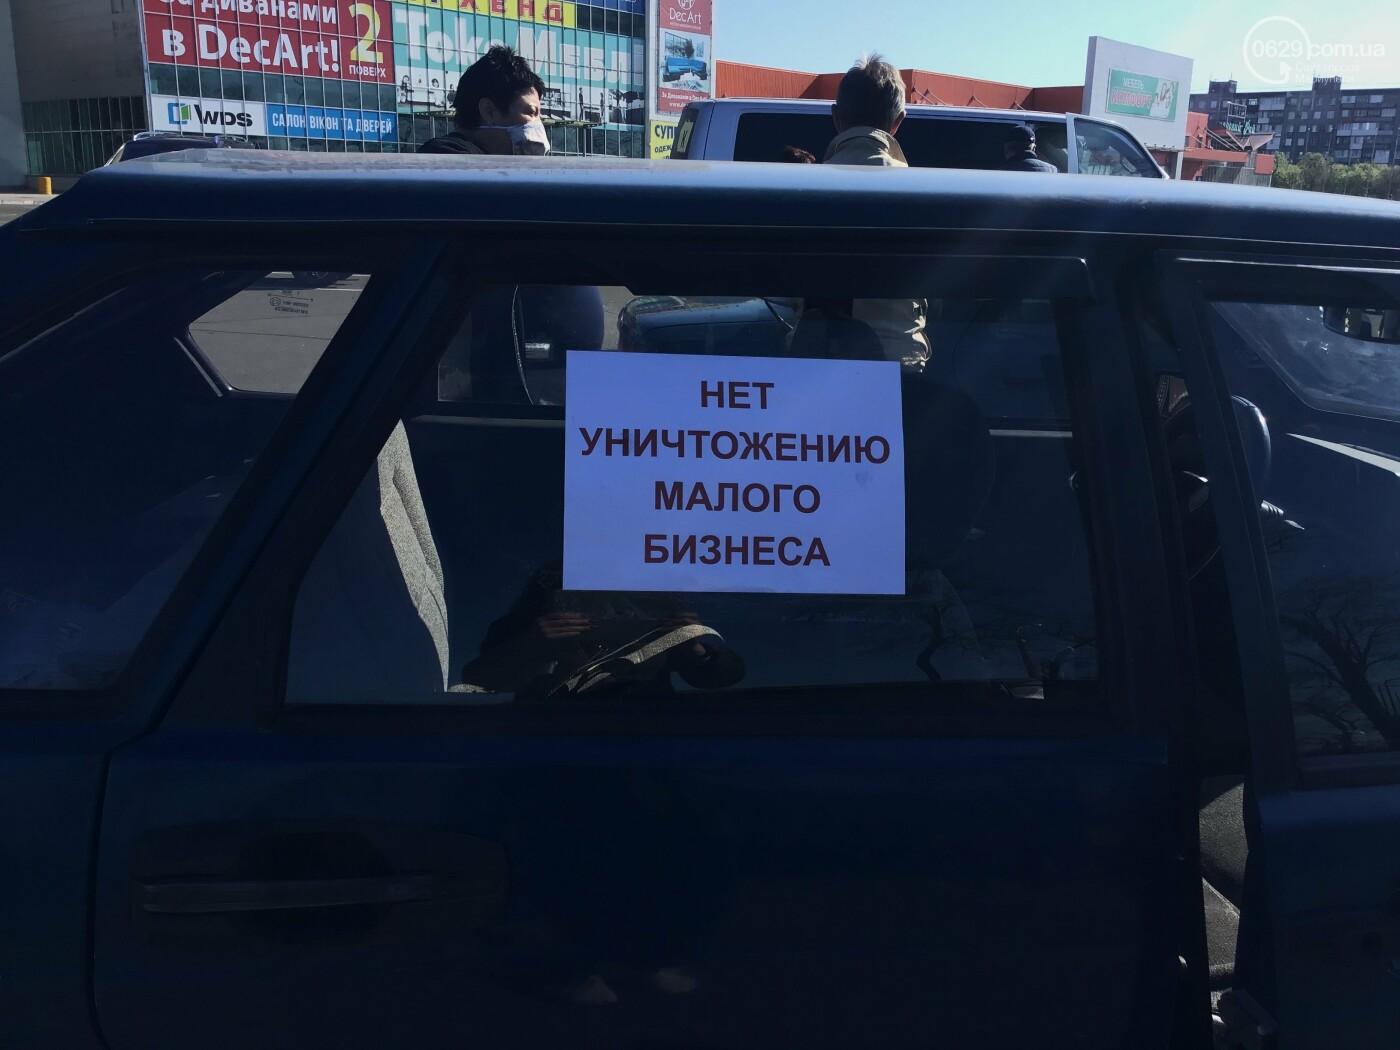 Автопробег в поддержку малого бизнеса: в Мариуполе митинговали машины, - ФОТО, ВИДЕО, фото-5